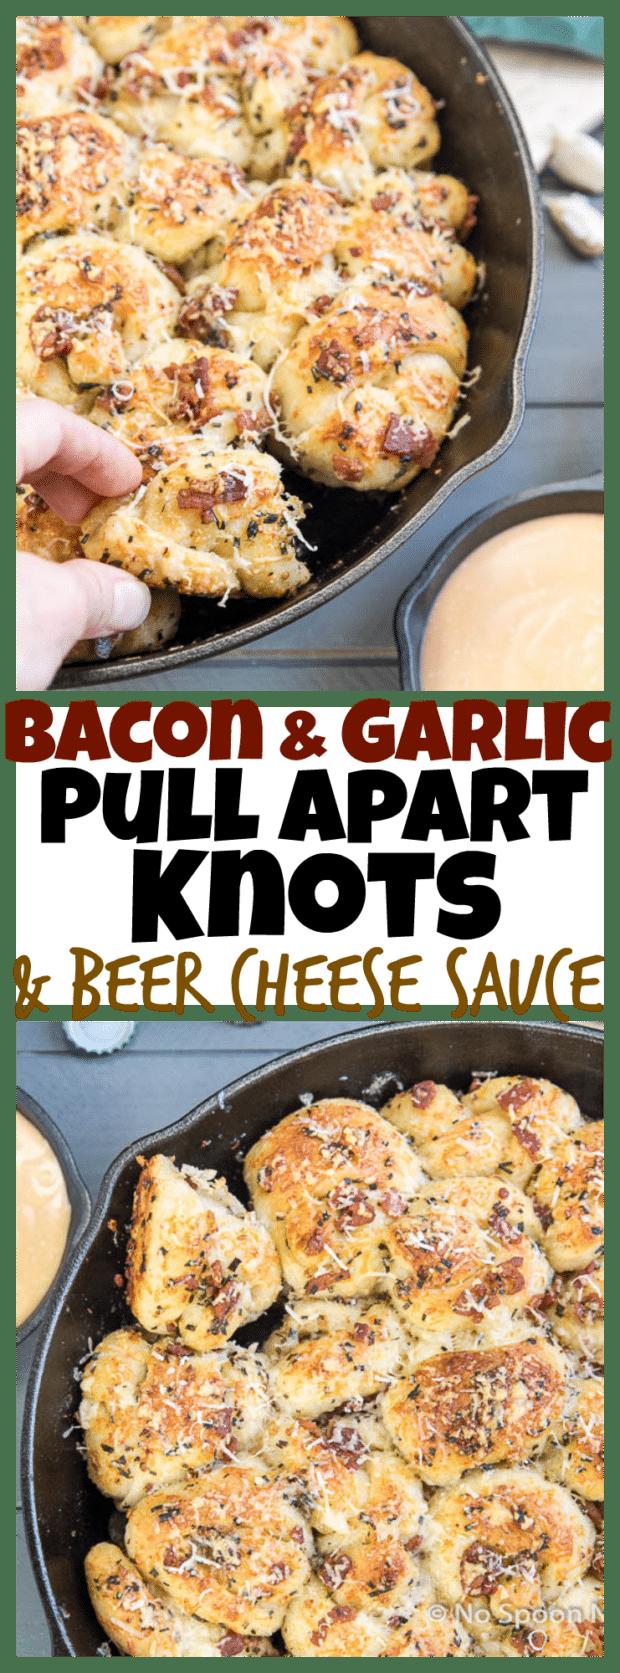 bacon-garlic-knots-w-beer-cheese-sauce-long-pin